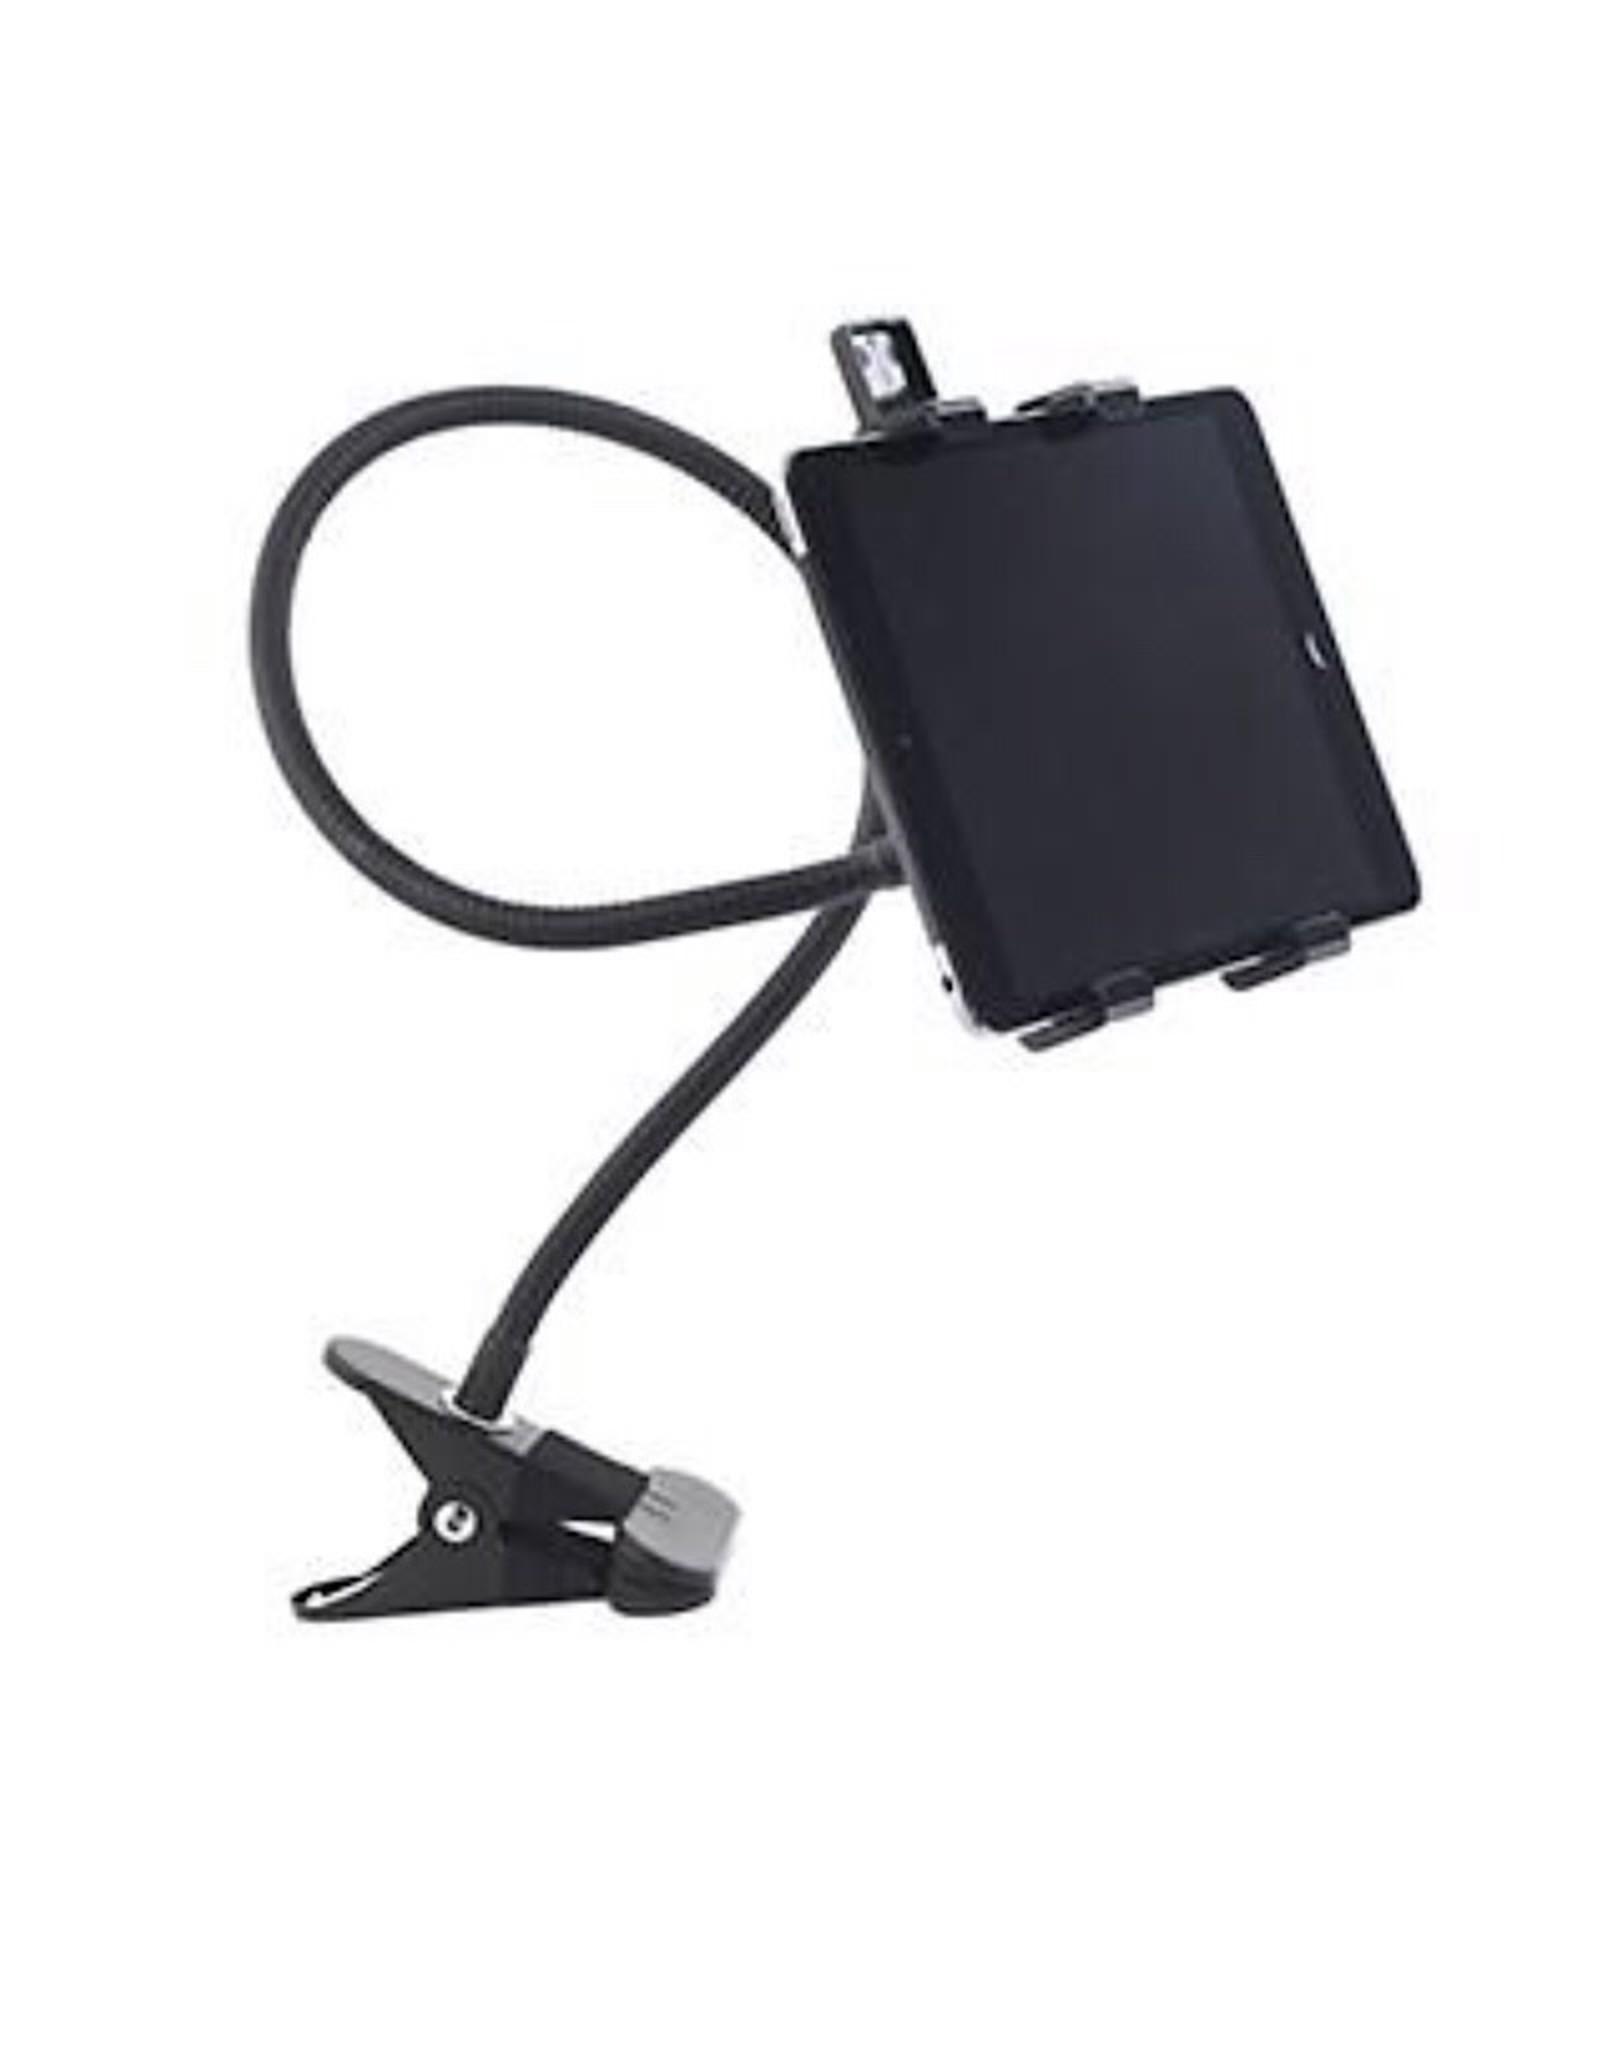 Kikkerland Kikkerland flexible Gooseneck tablet holder